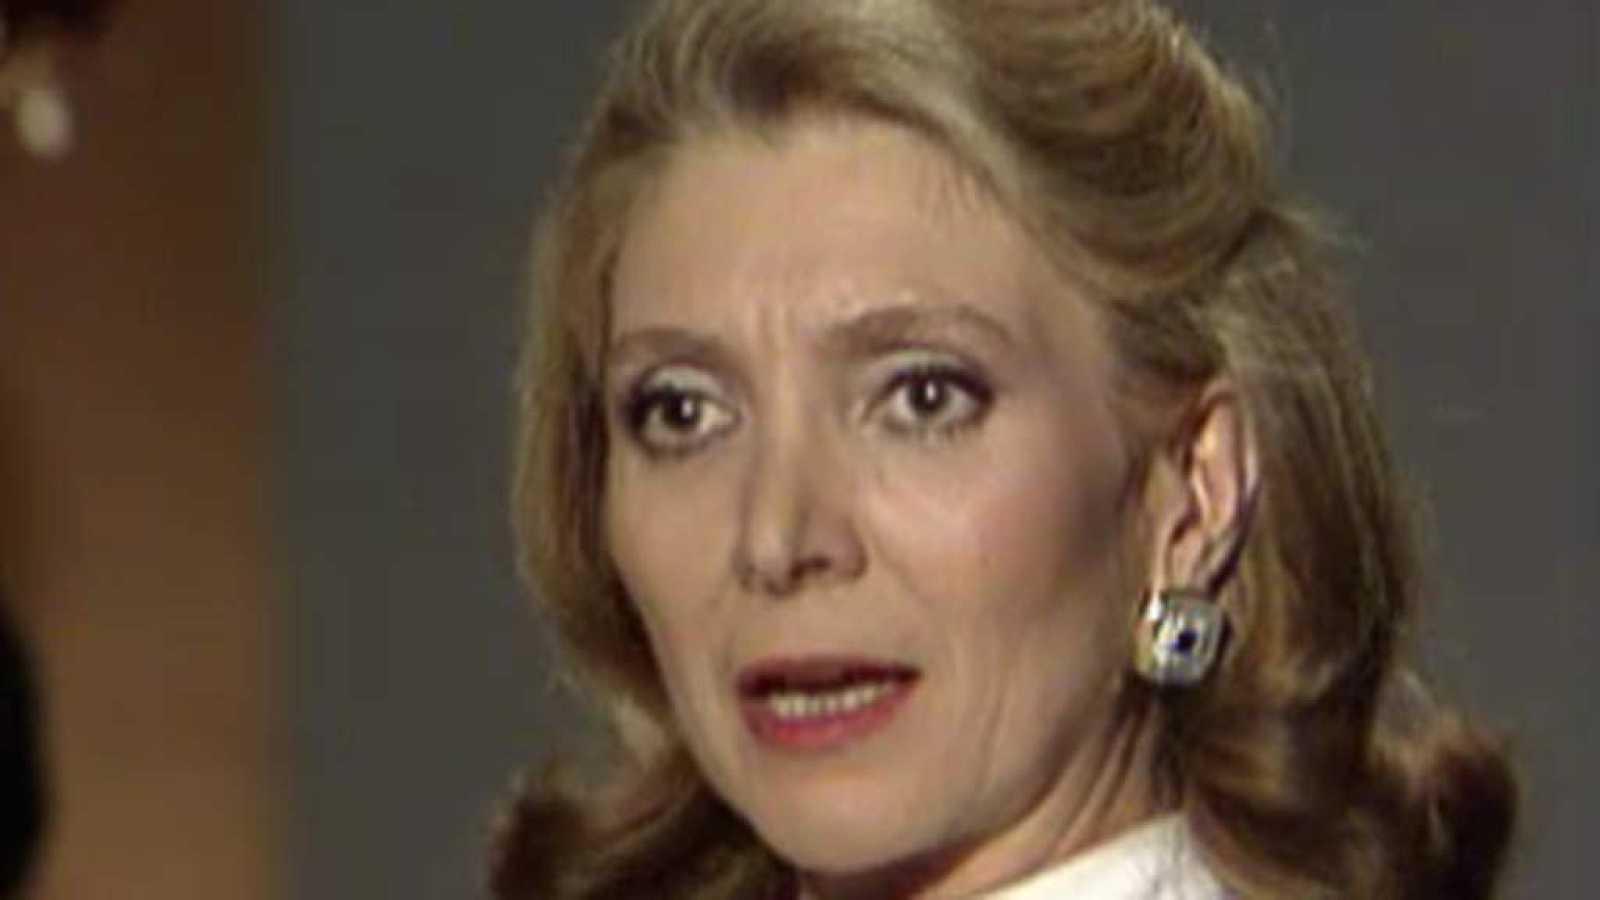 La hora de... - María Dolores Pradera (1976)